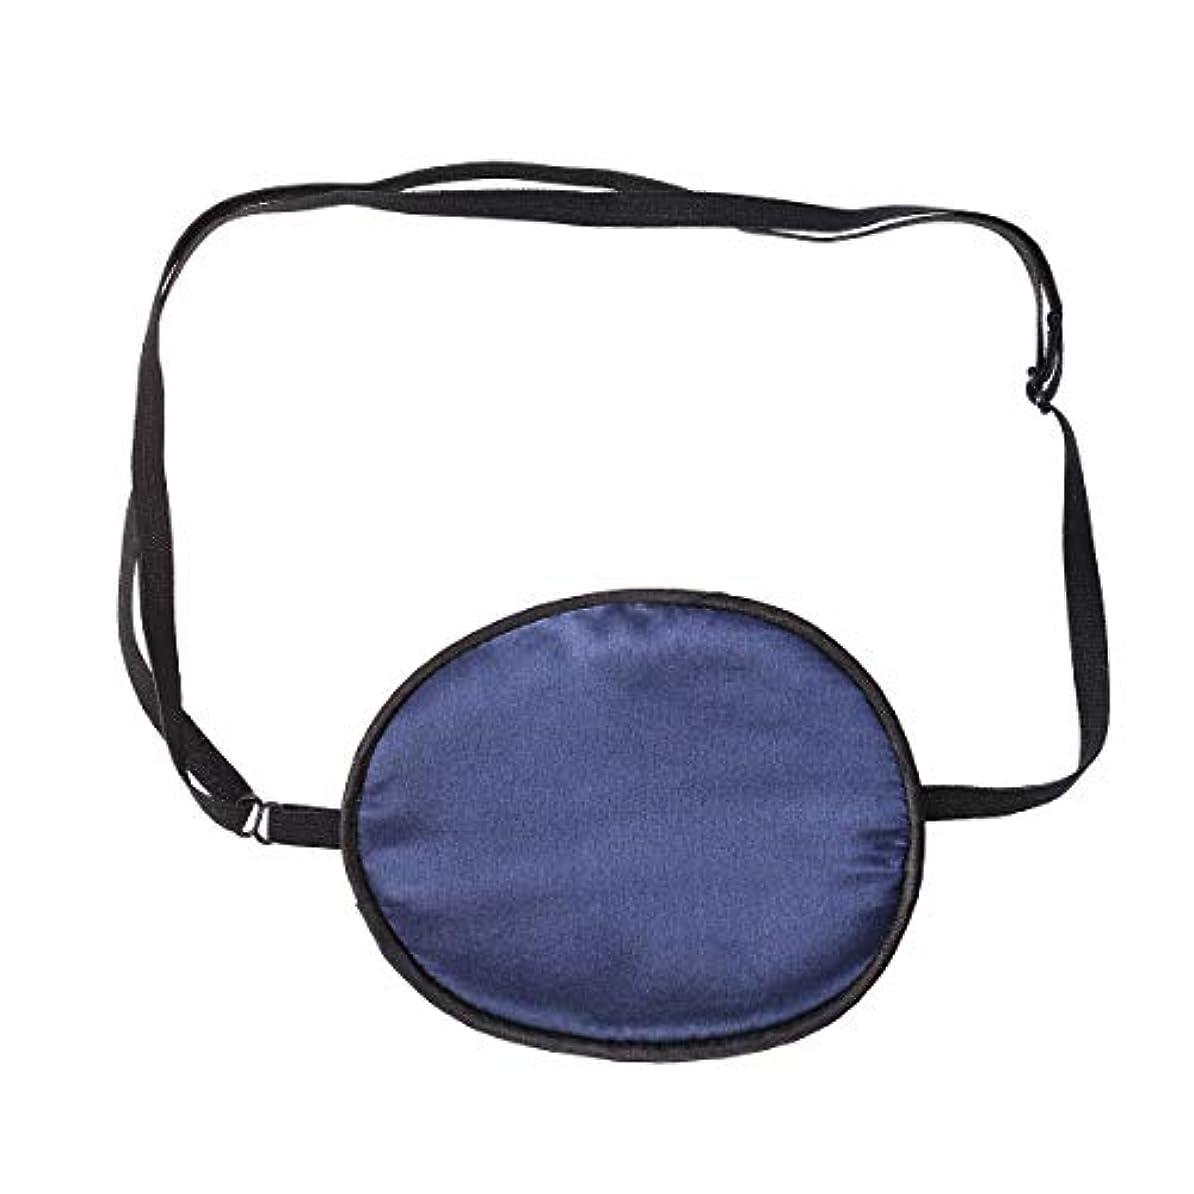 沈黙団結説得SUPVOX シルクアイパッチソフトで心地良い弾力のあるアイパッチ大人のための漏れのない滑らかな目の失明斜視(ネイビー)